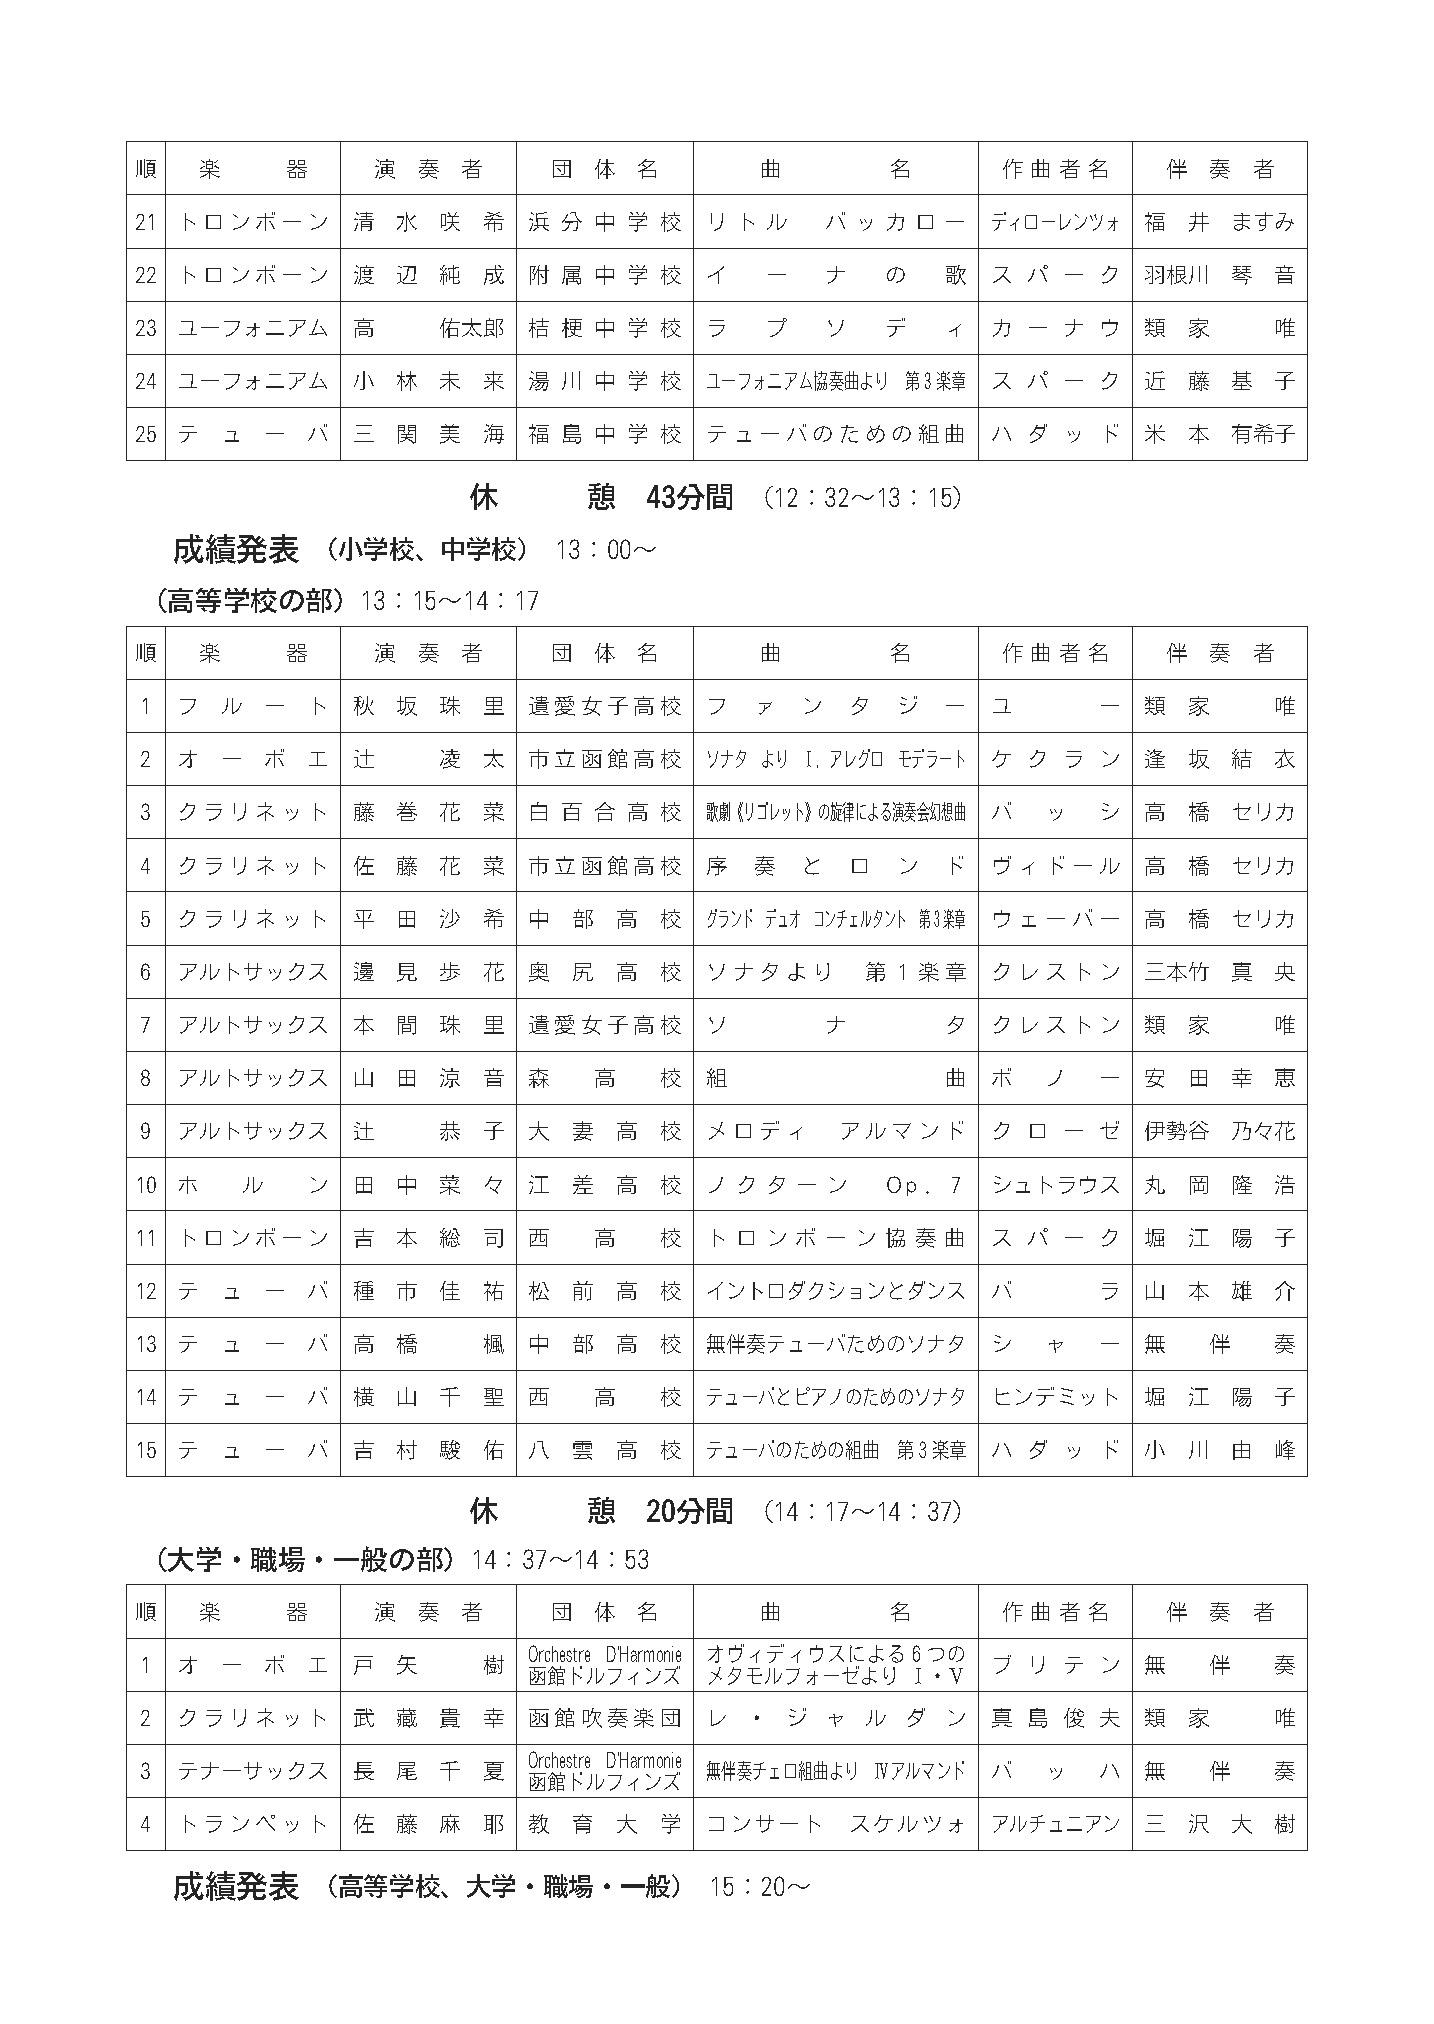 函館地区個人コンクール仮プログラム_ページ_3